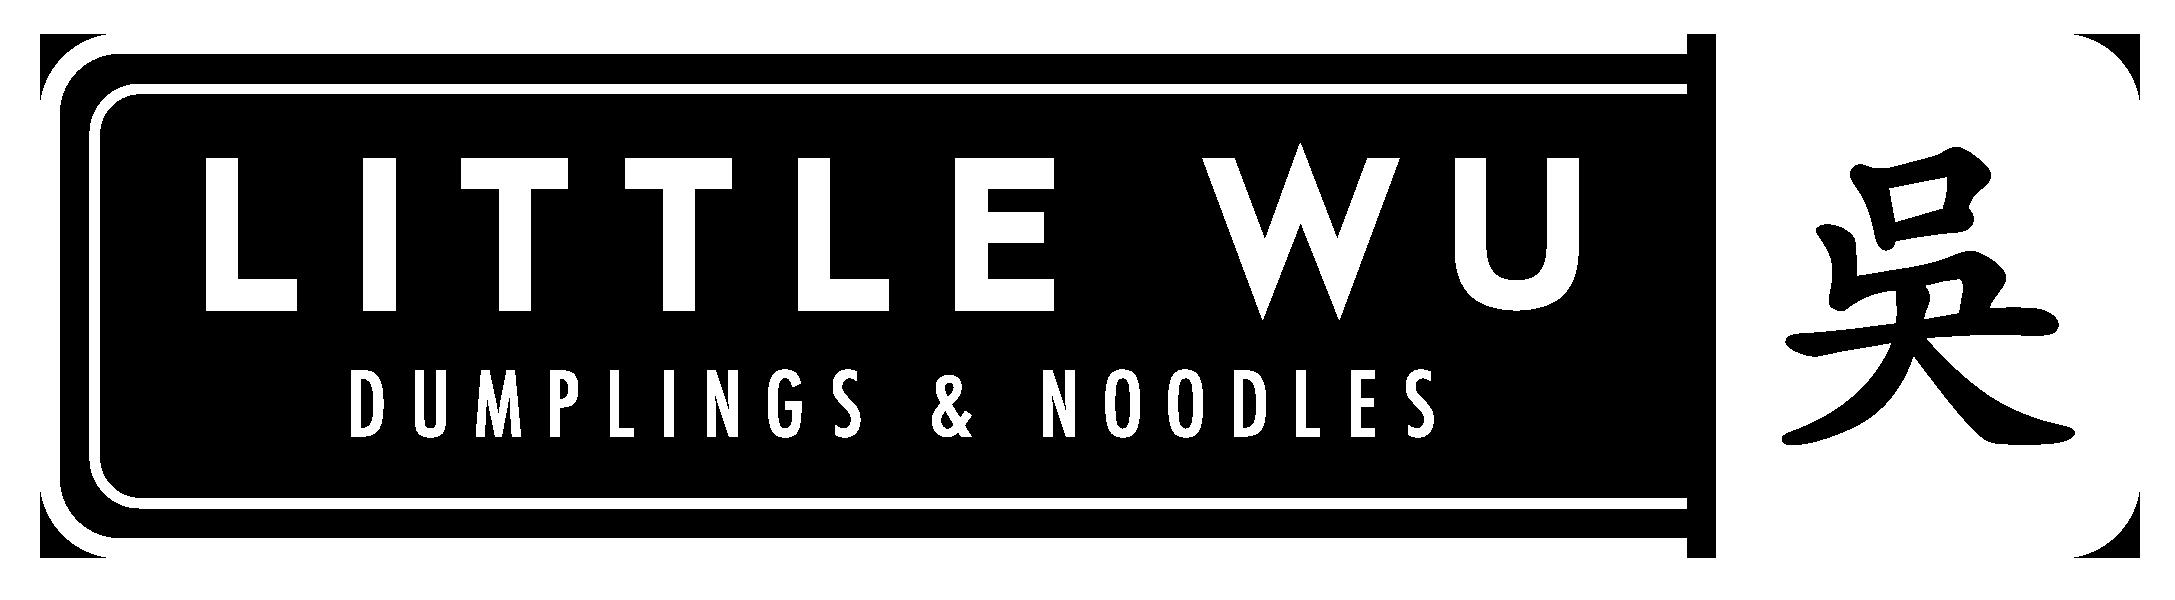 Little Wu